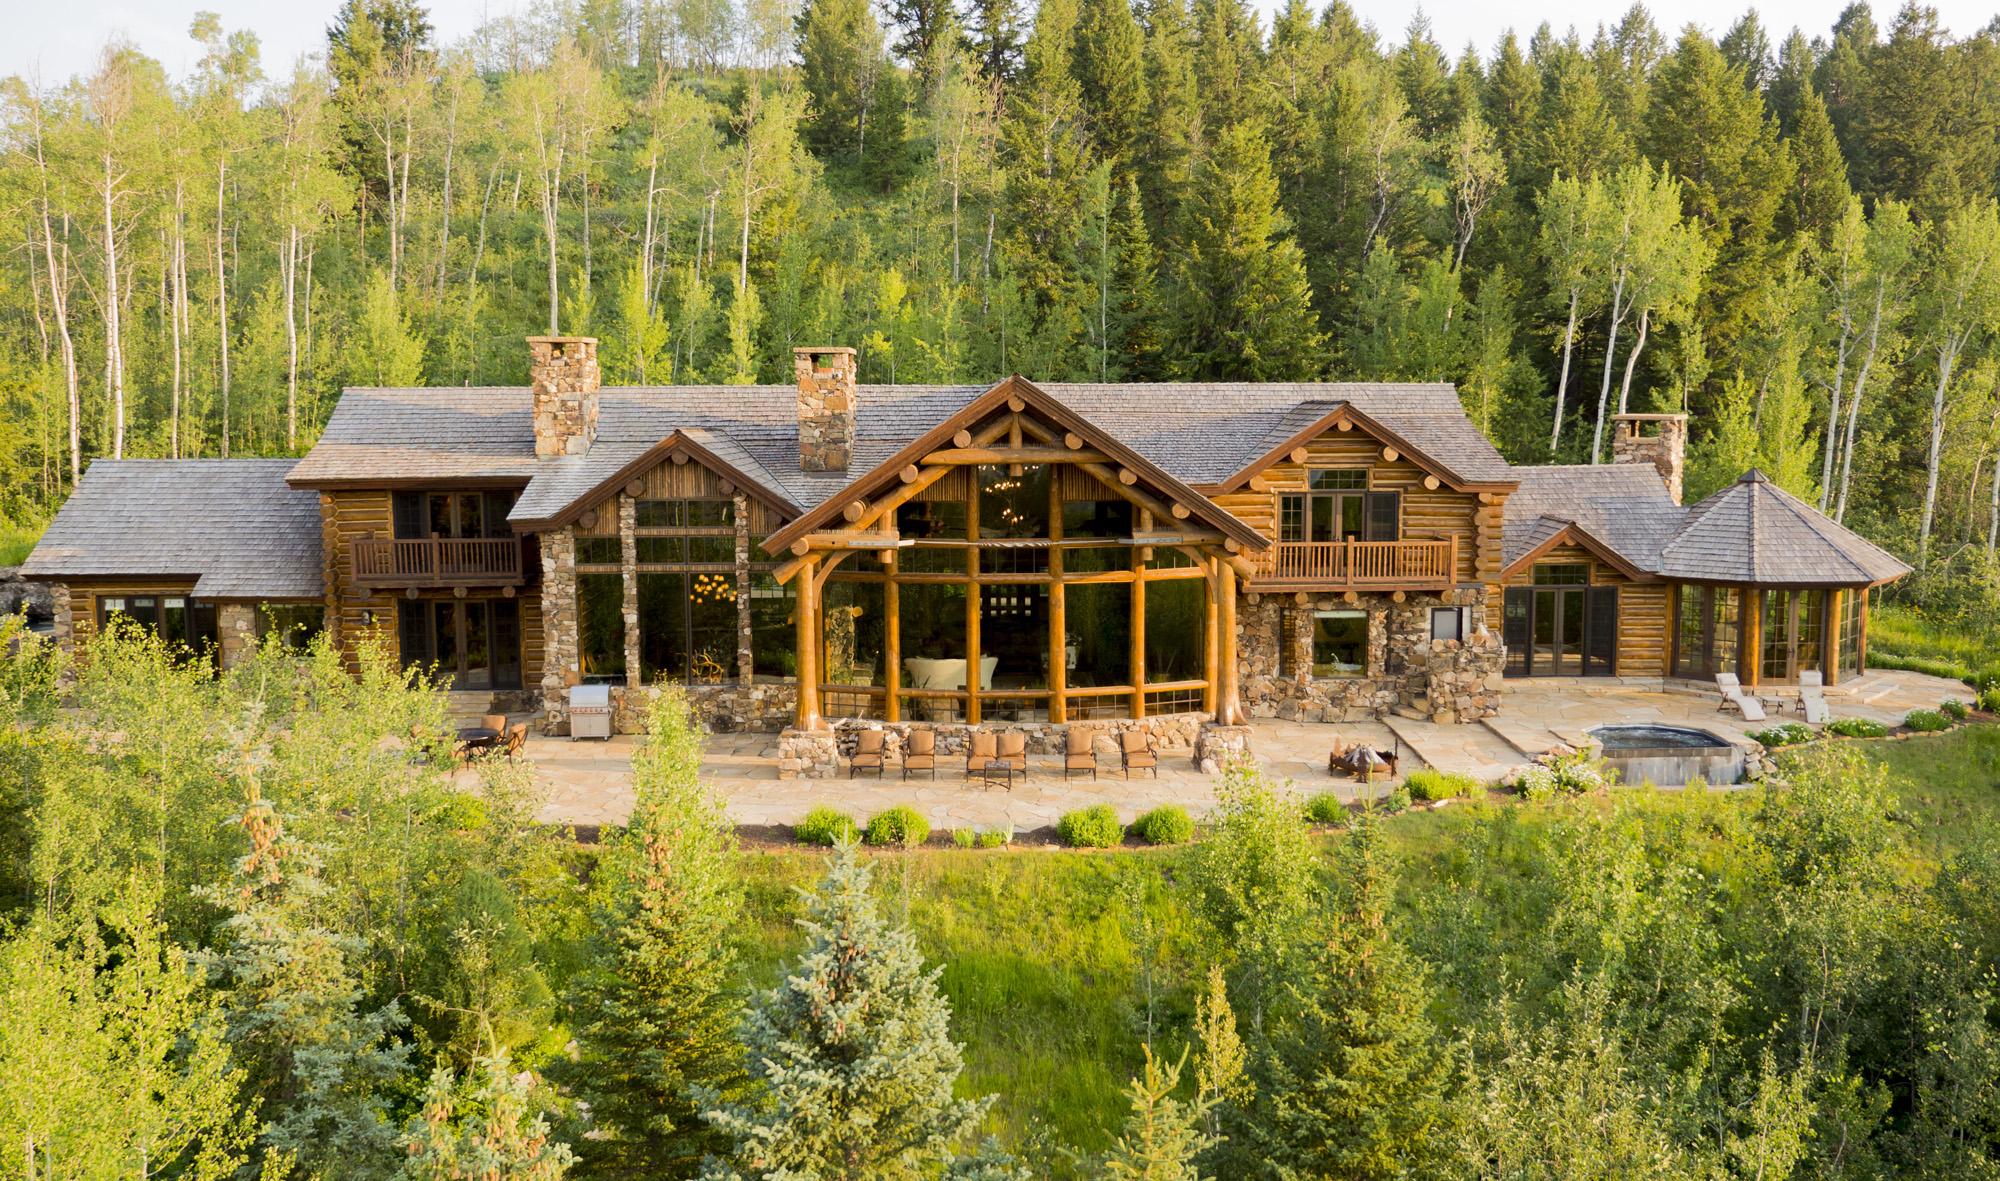 Maison unifamiliale pour l Vente à Wild by Nature 520 Indian Springs Road Jackson, Wyoming 83001 États-Unis